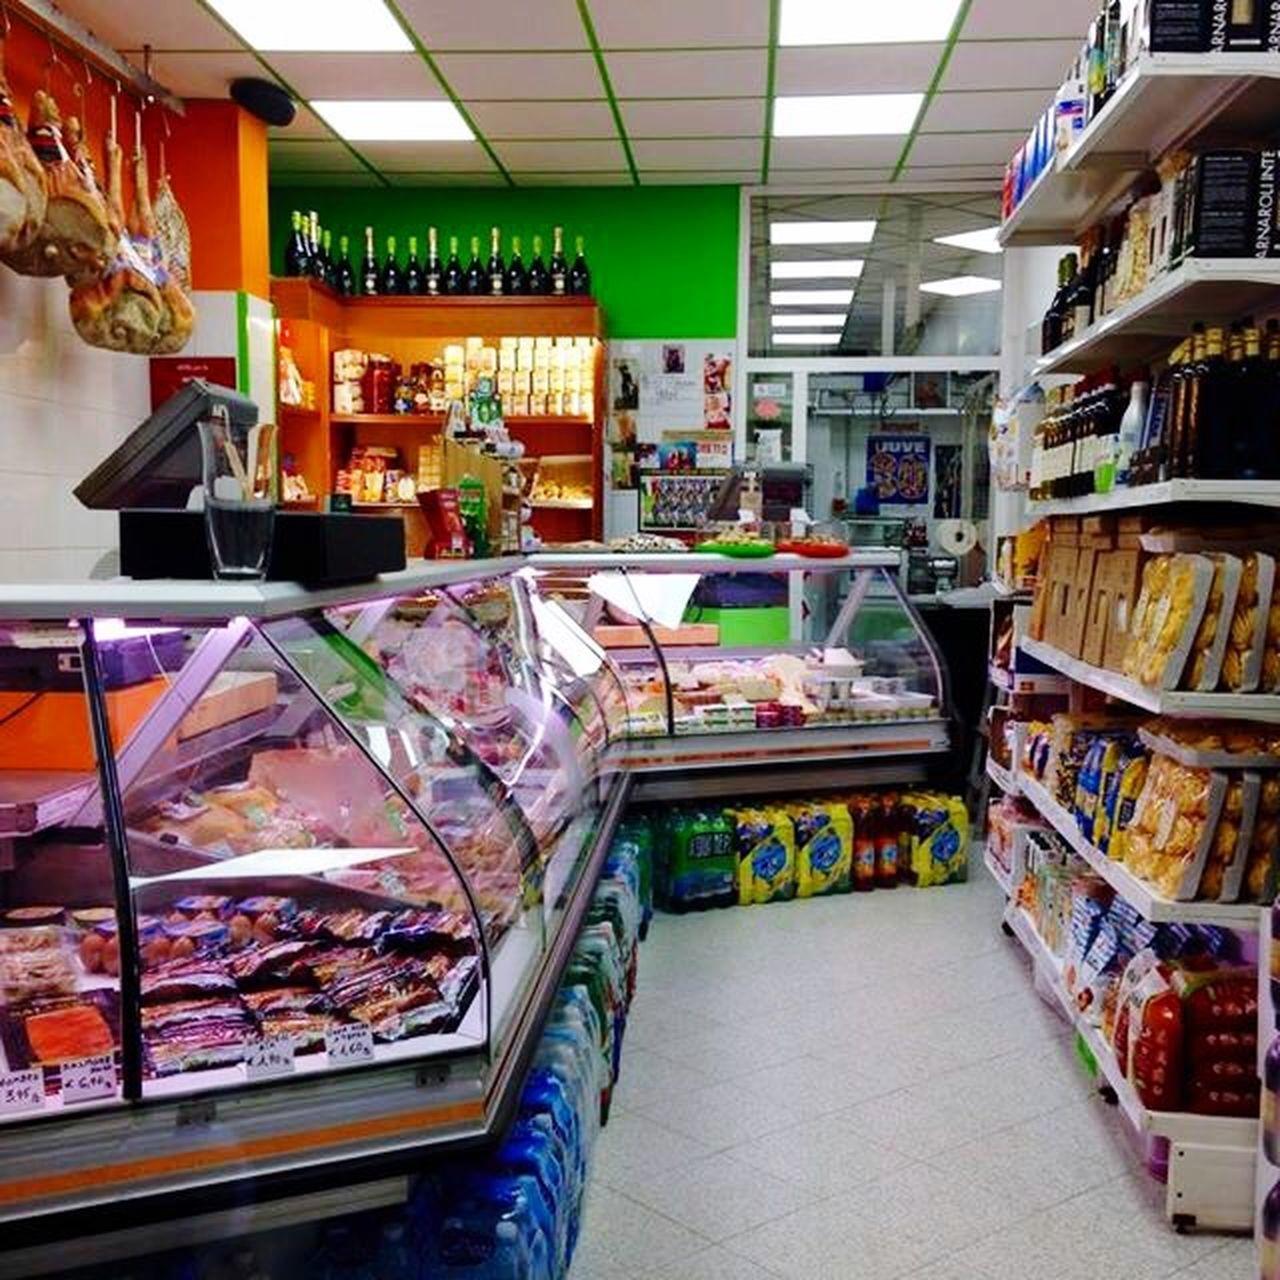 Il Gusto Della Carne E Il Piacere Dell'altro Italy Butcher Shop Food Shopping Food Meat! Meat! Meat!